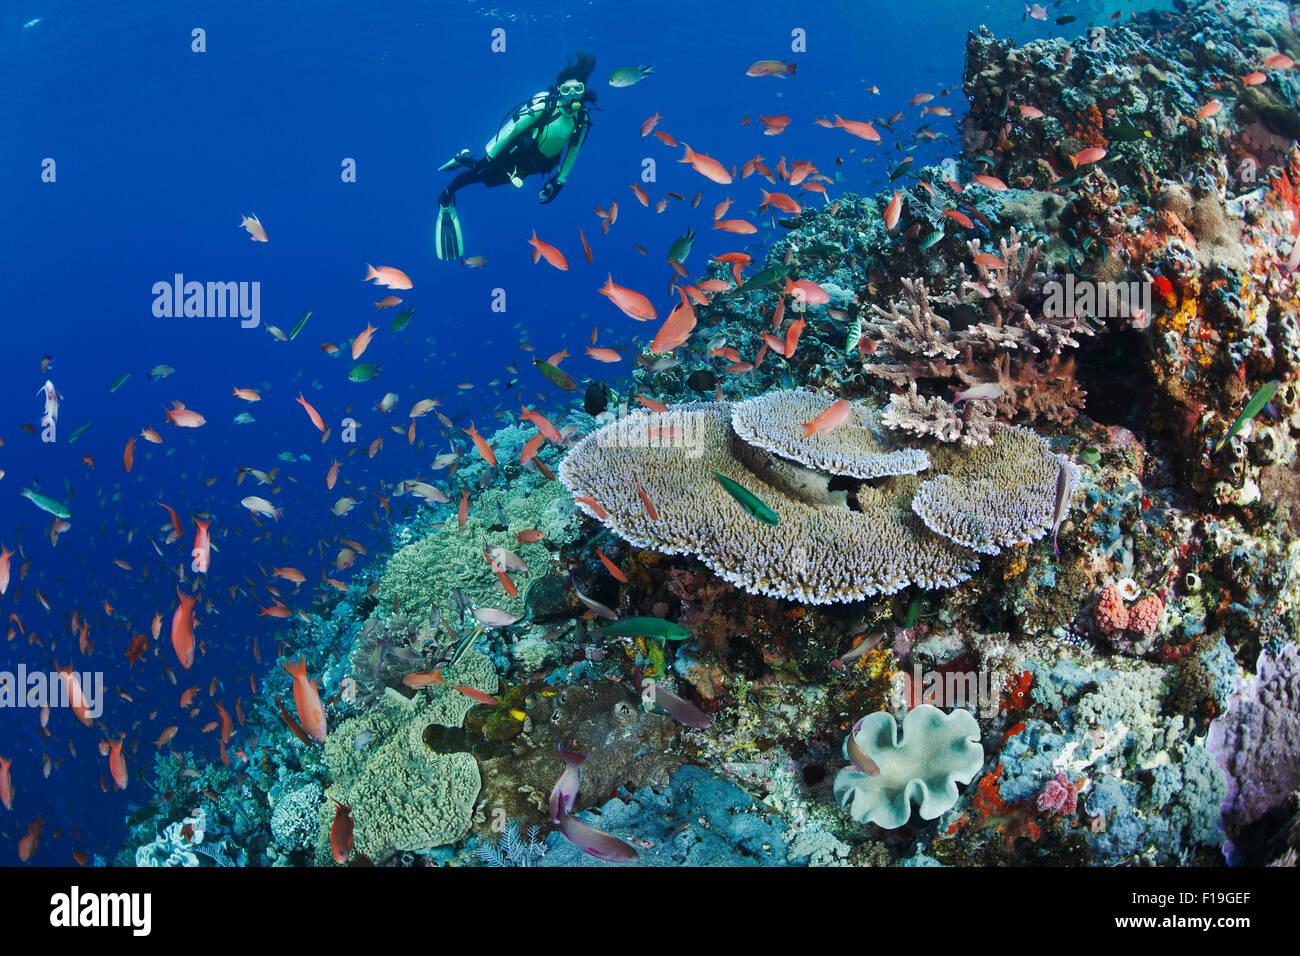 Px0152-D. scuba diver (modèle) parution admire santé des récifs de corail avec diversité de Photo Stock